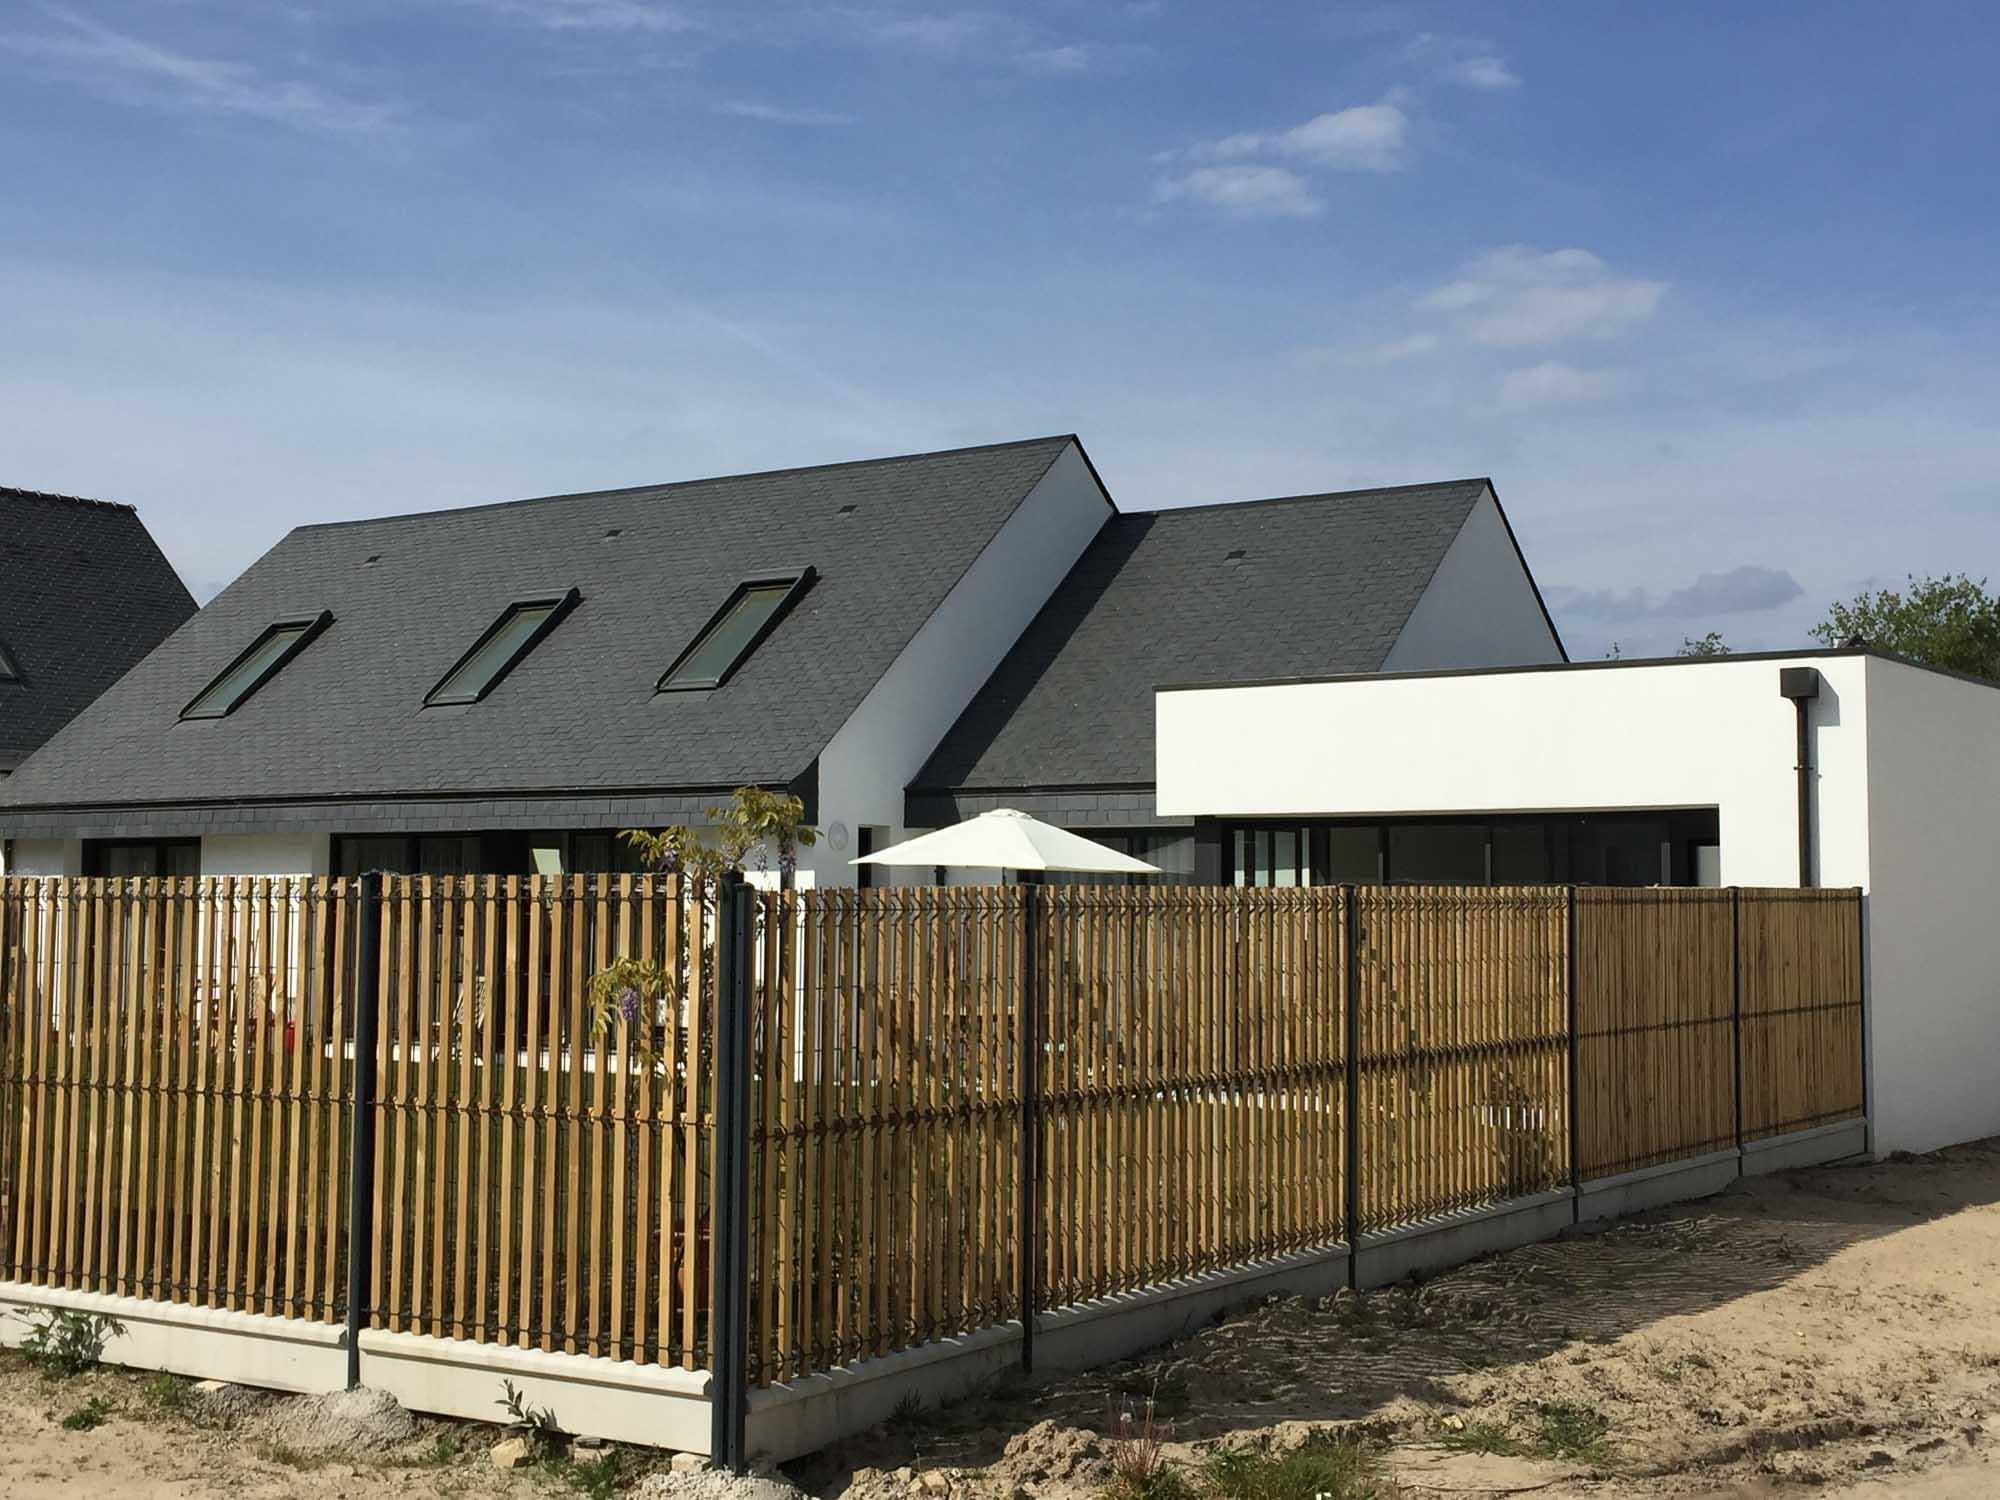 Maison-toiture-ardoise-7